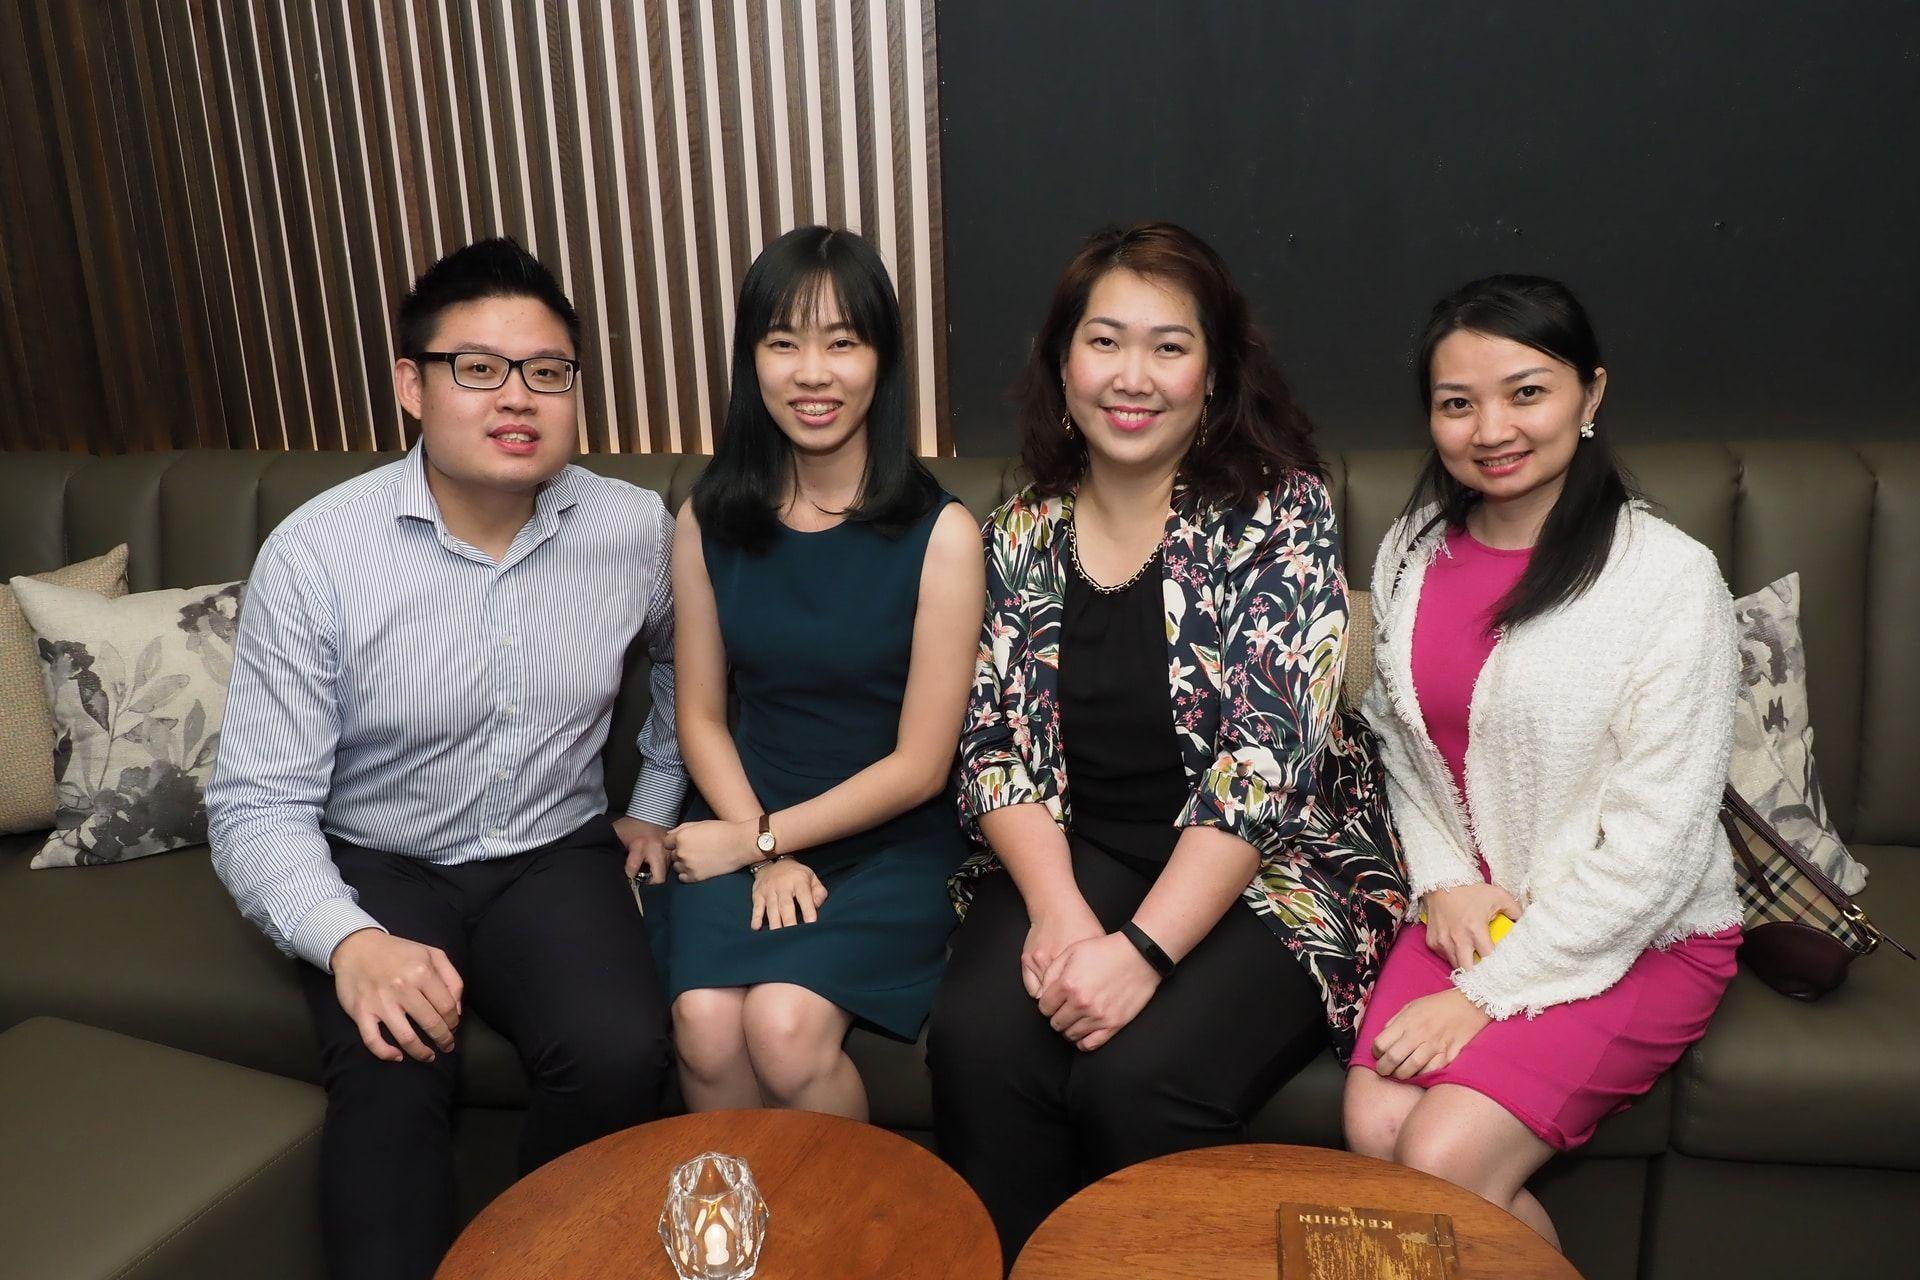 Soon Guok Jie, Valencia Eyu, Alicia Yuen and Crystal Chan